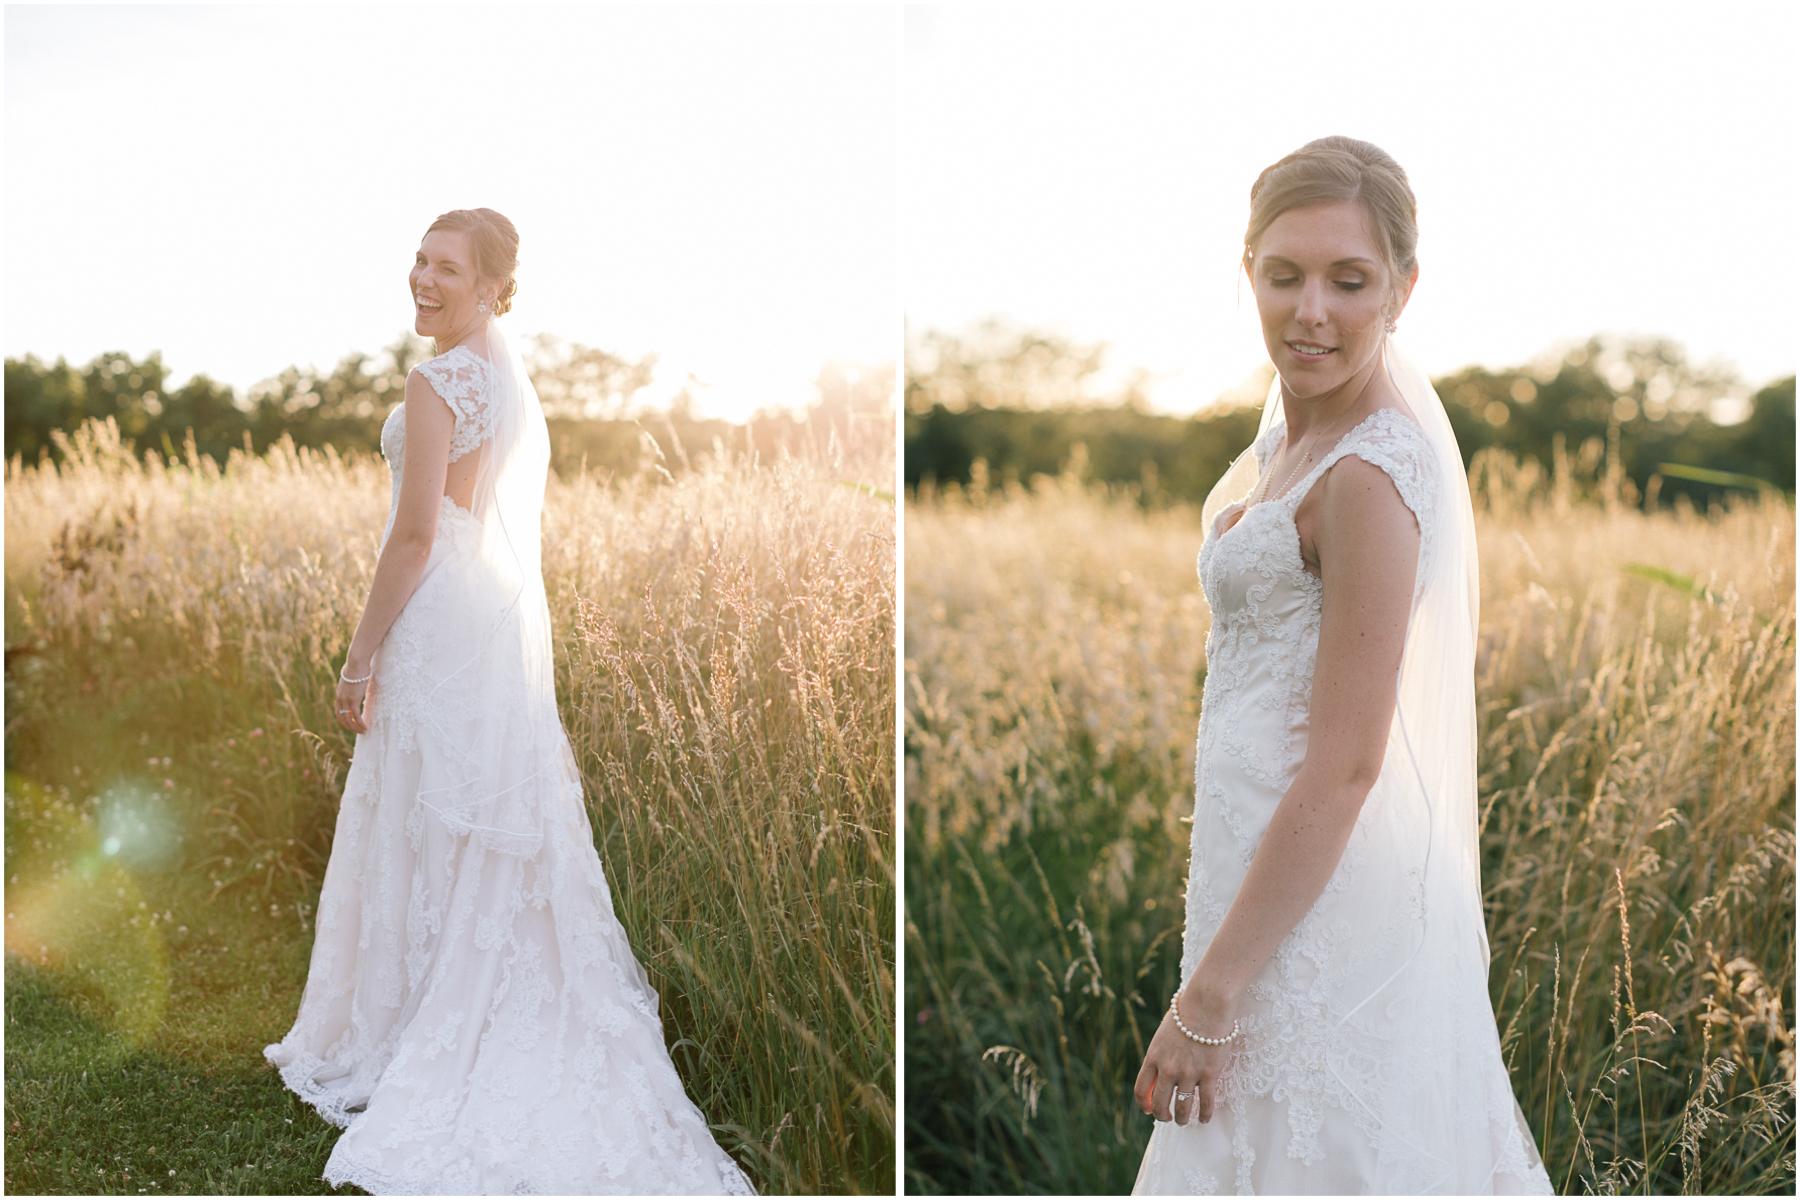 alyssa barletter photography weston missouri bright summer wedding allie and alex cole-46.jpg